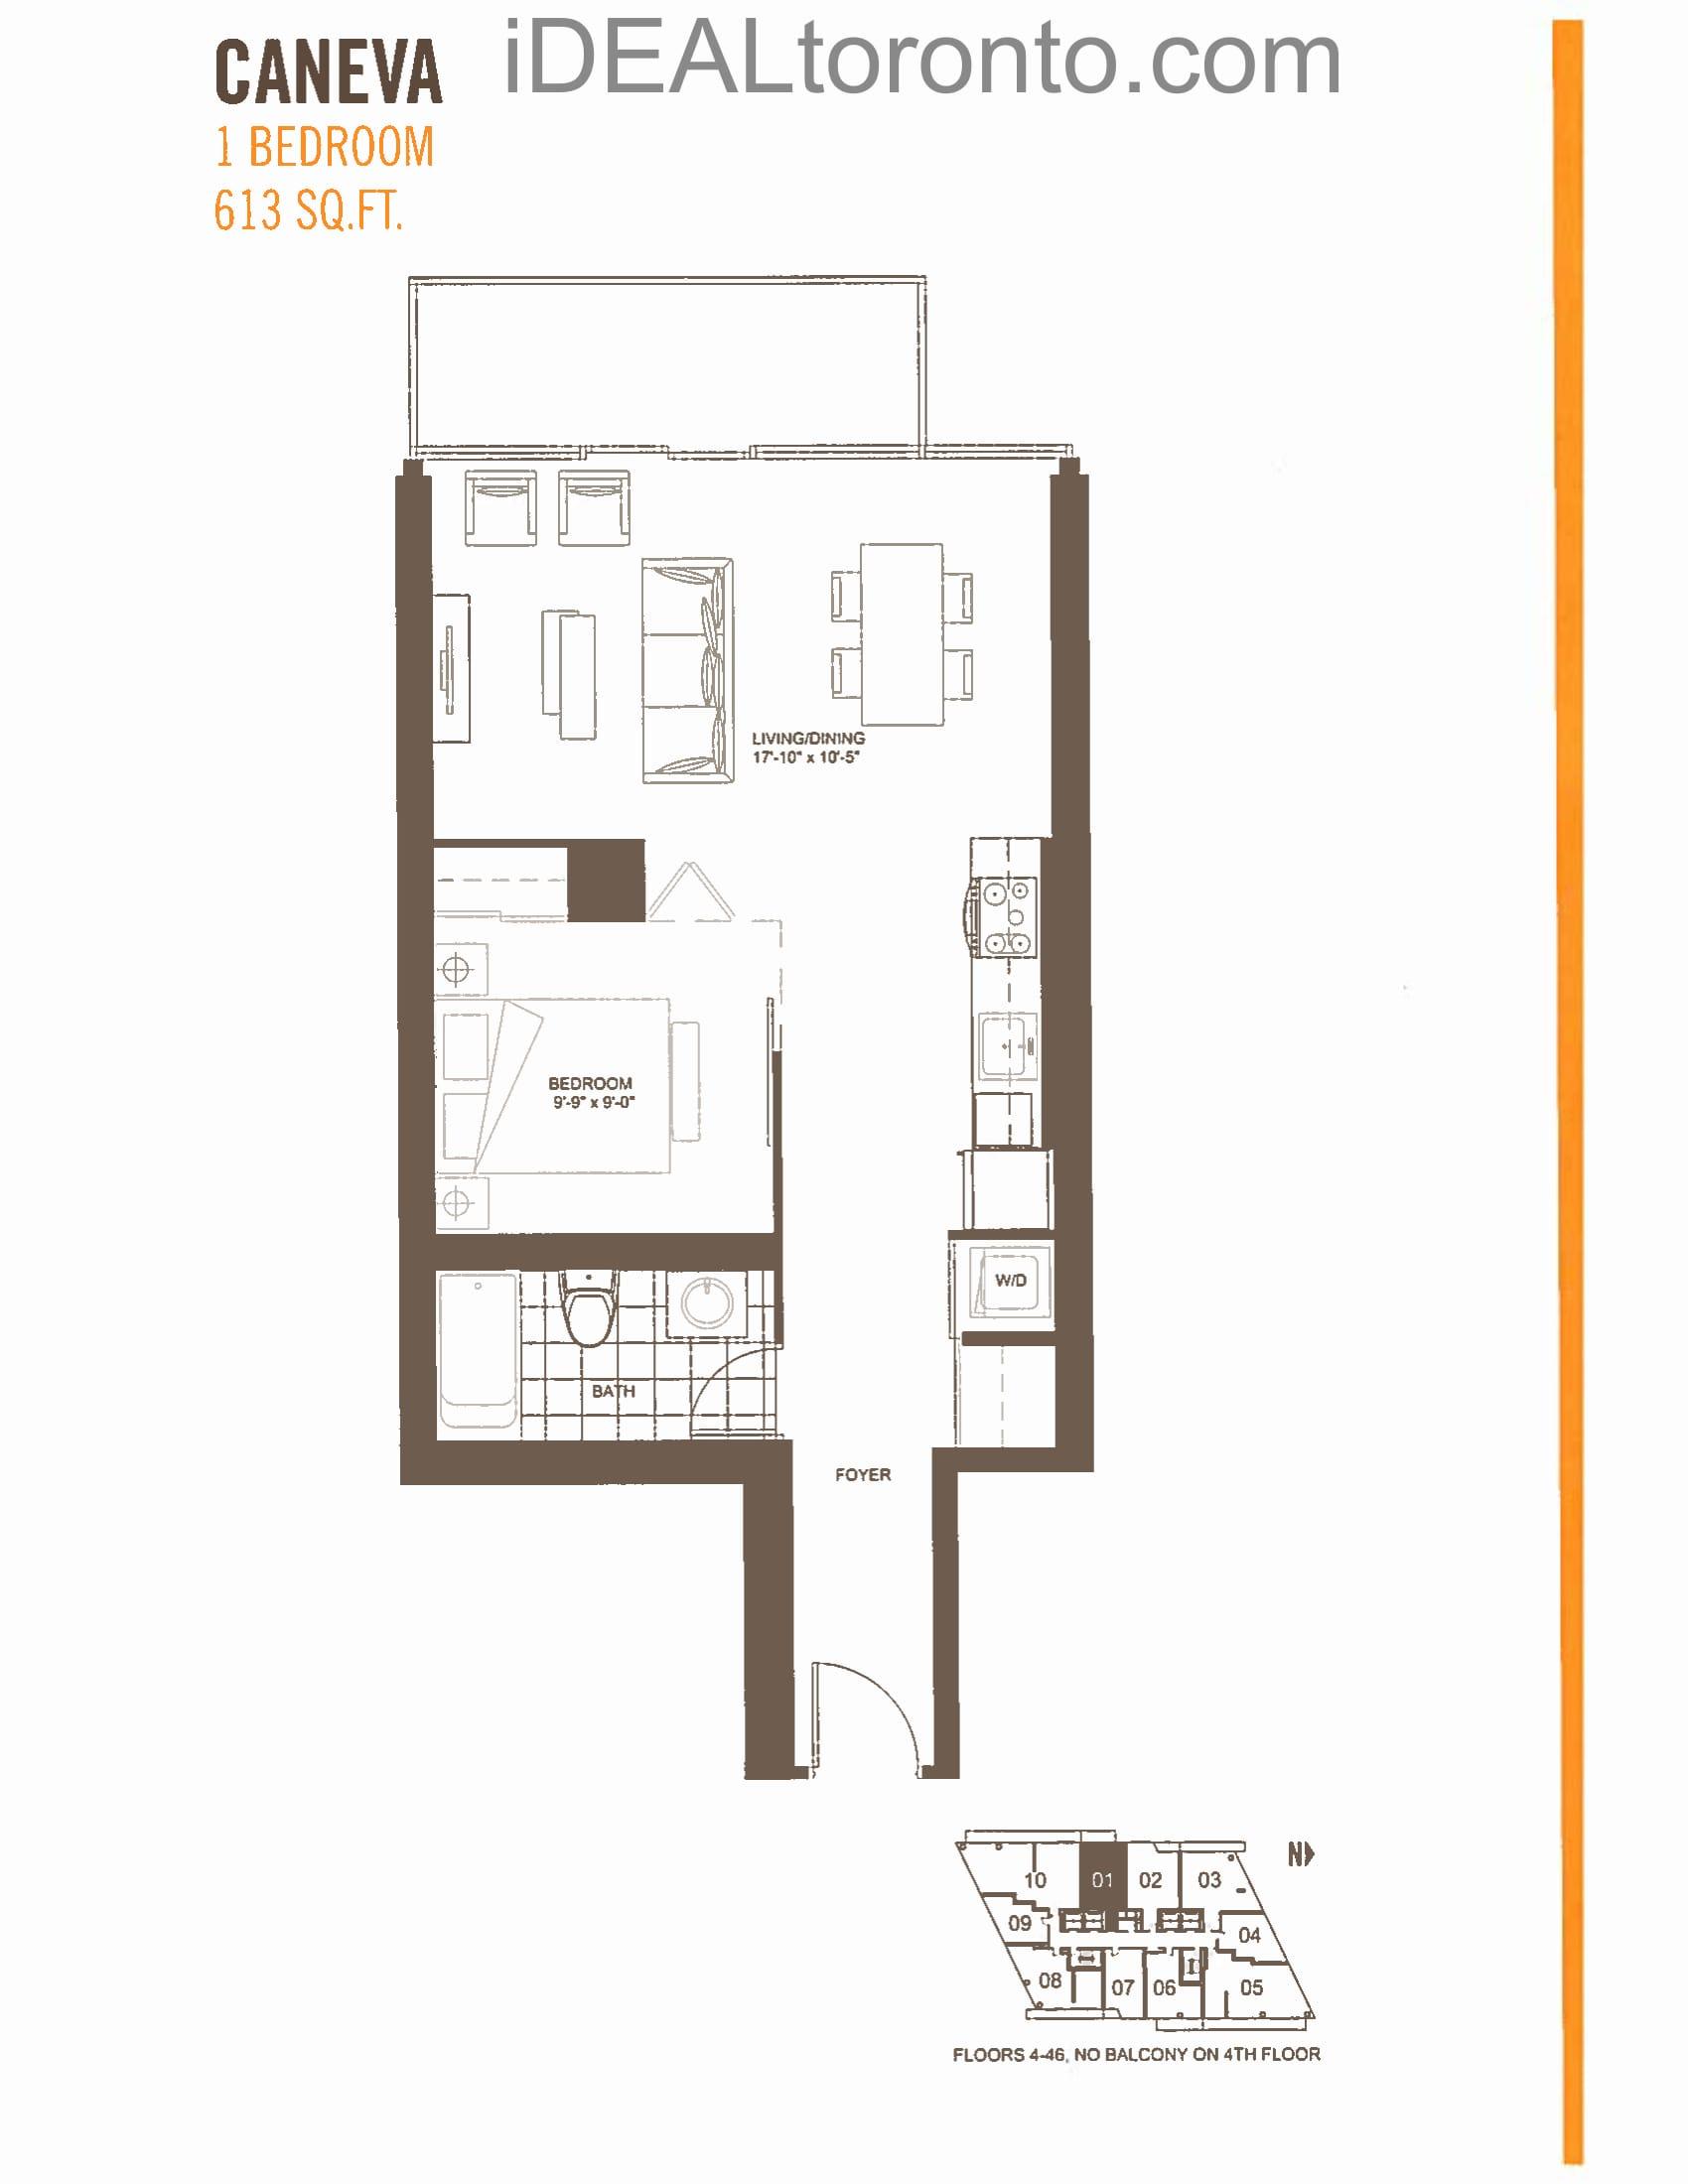 Caneva: 1 Bedroom,W, 613 SqFt